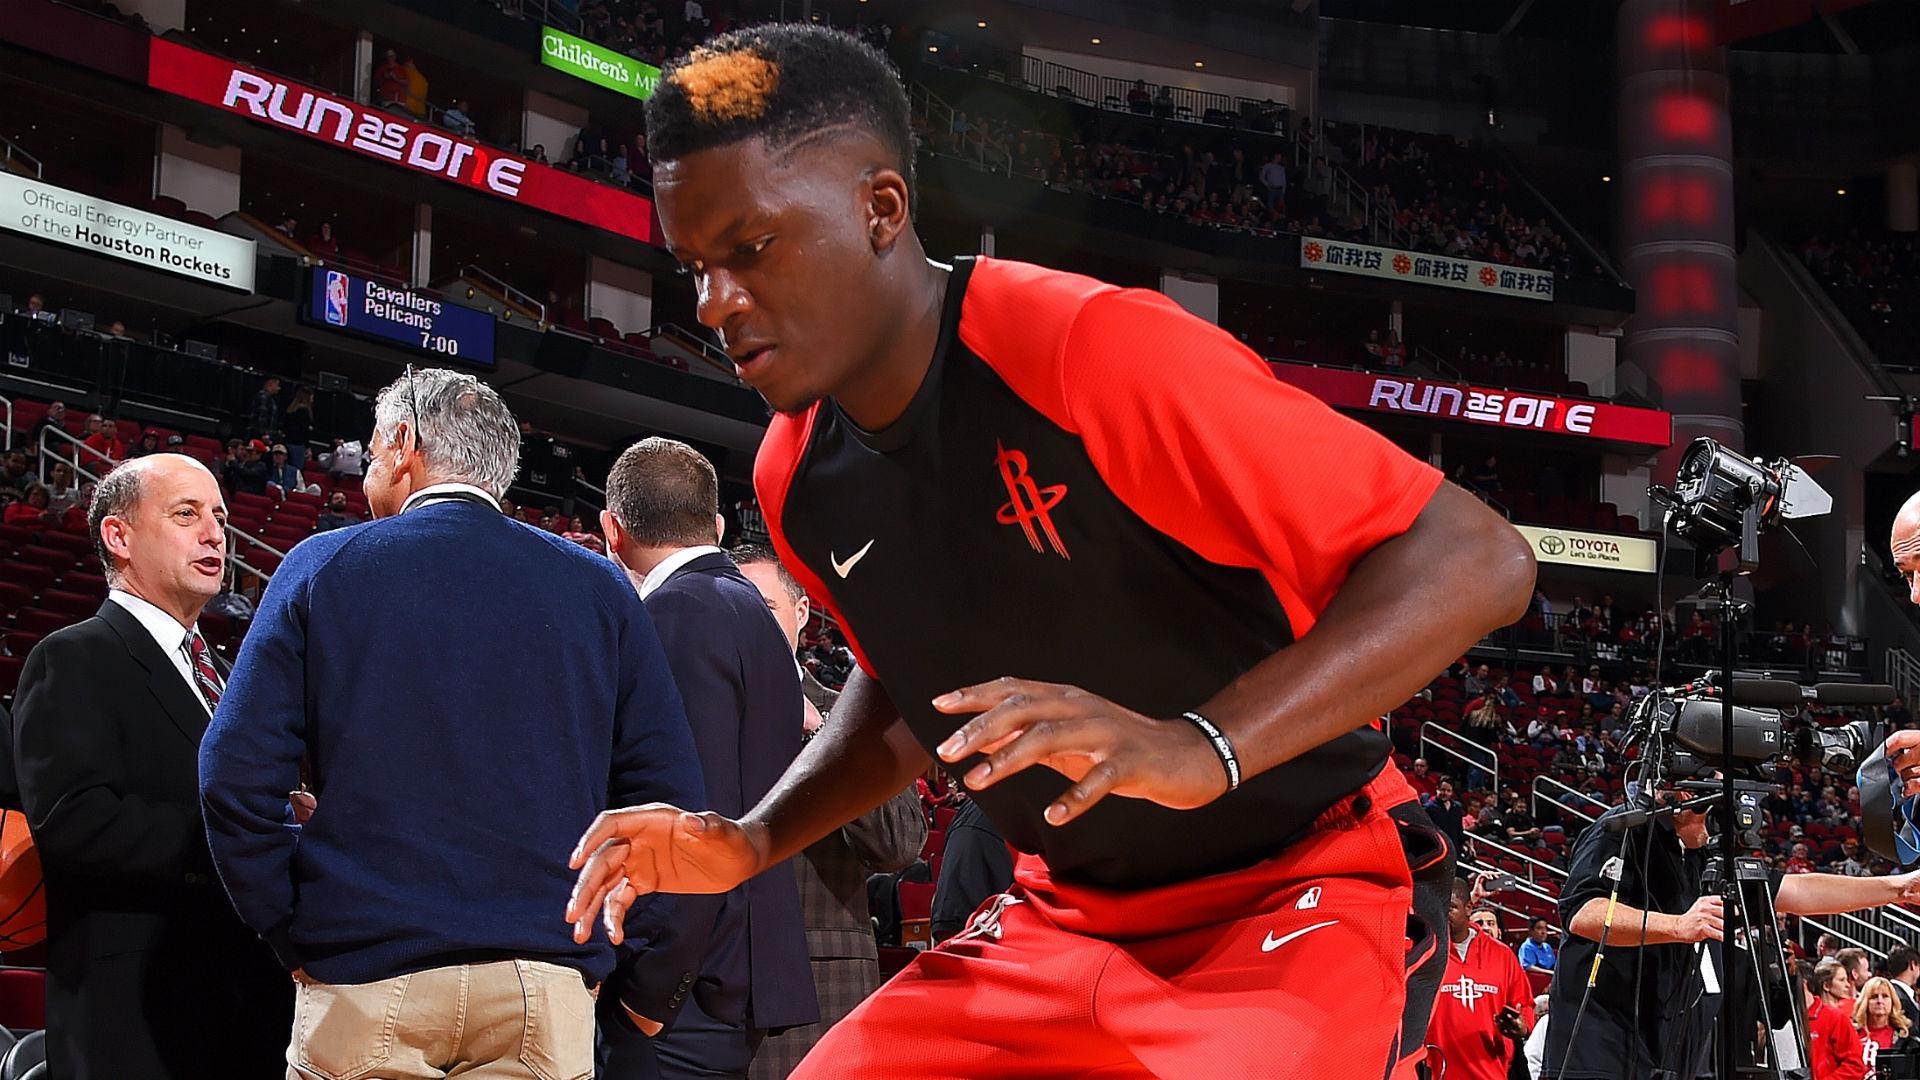 James Harden đưa ra chìa khóa cho điểm yếu phòng ngự của Houston Rockets